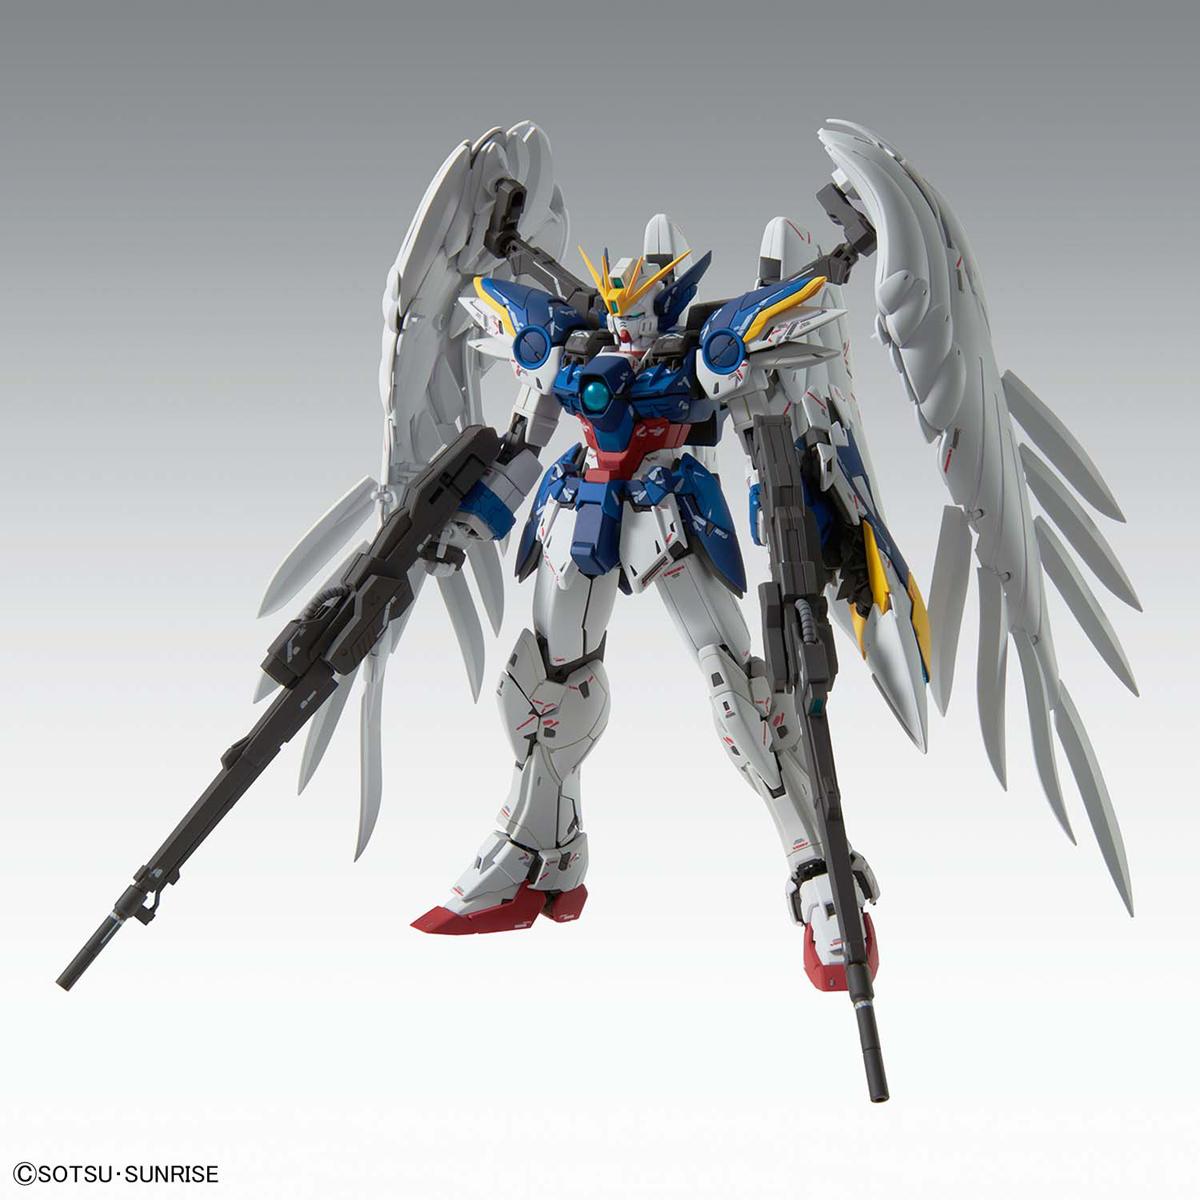 MG 1/100『ウイングガンダムゼロEW Ver.Ka』ガンダムW プラモデル-001